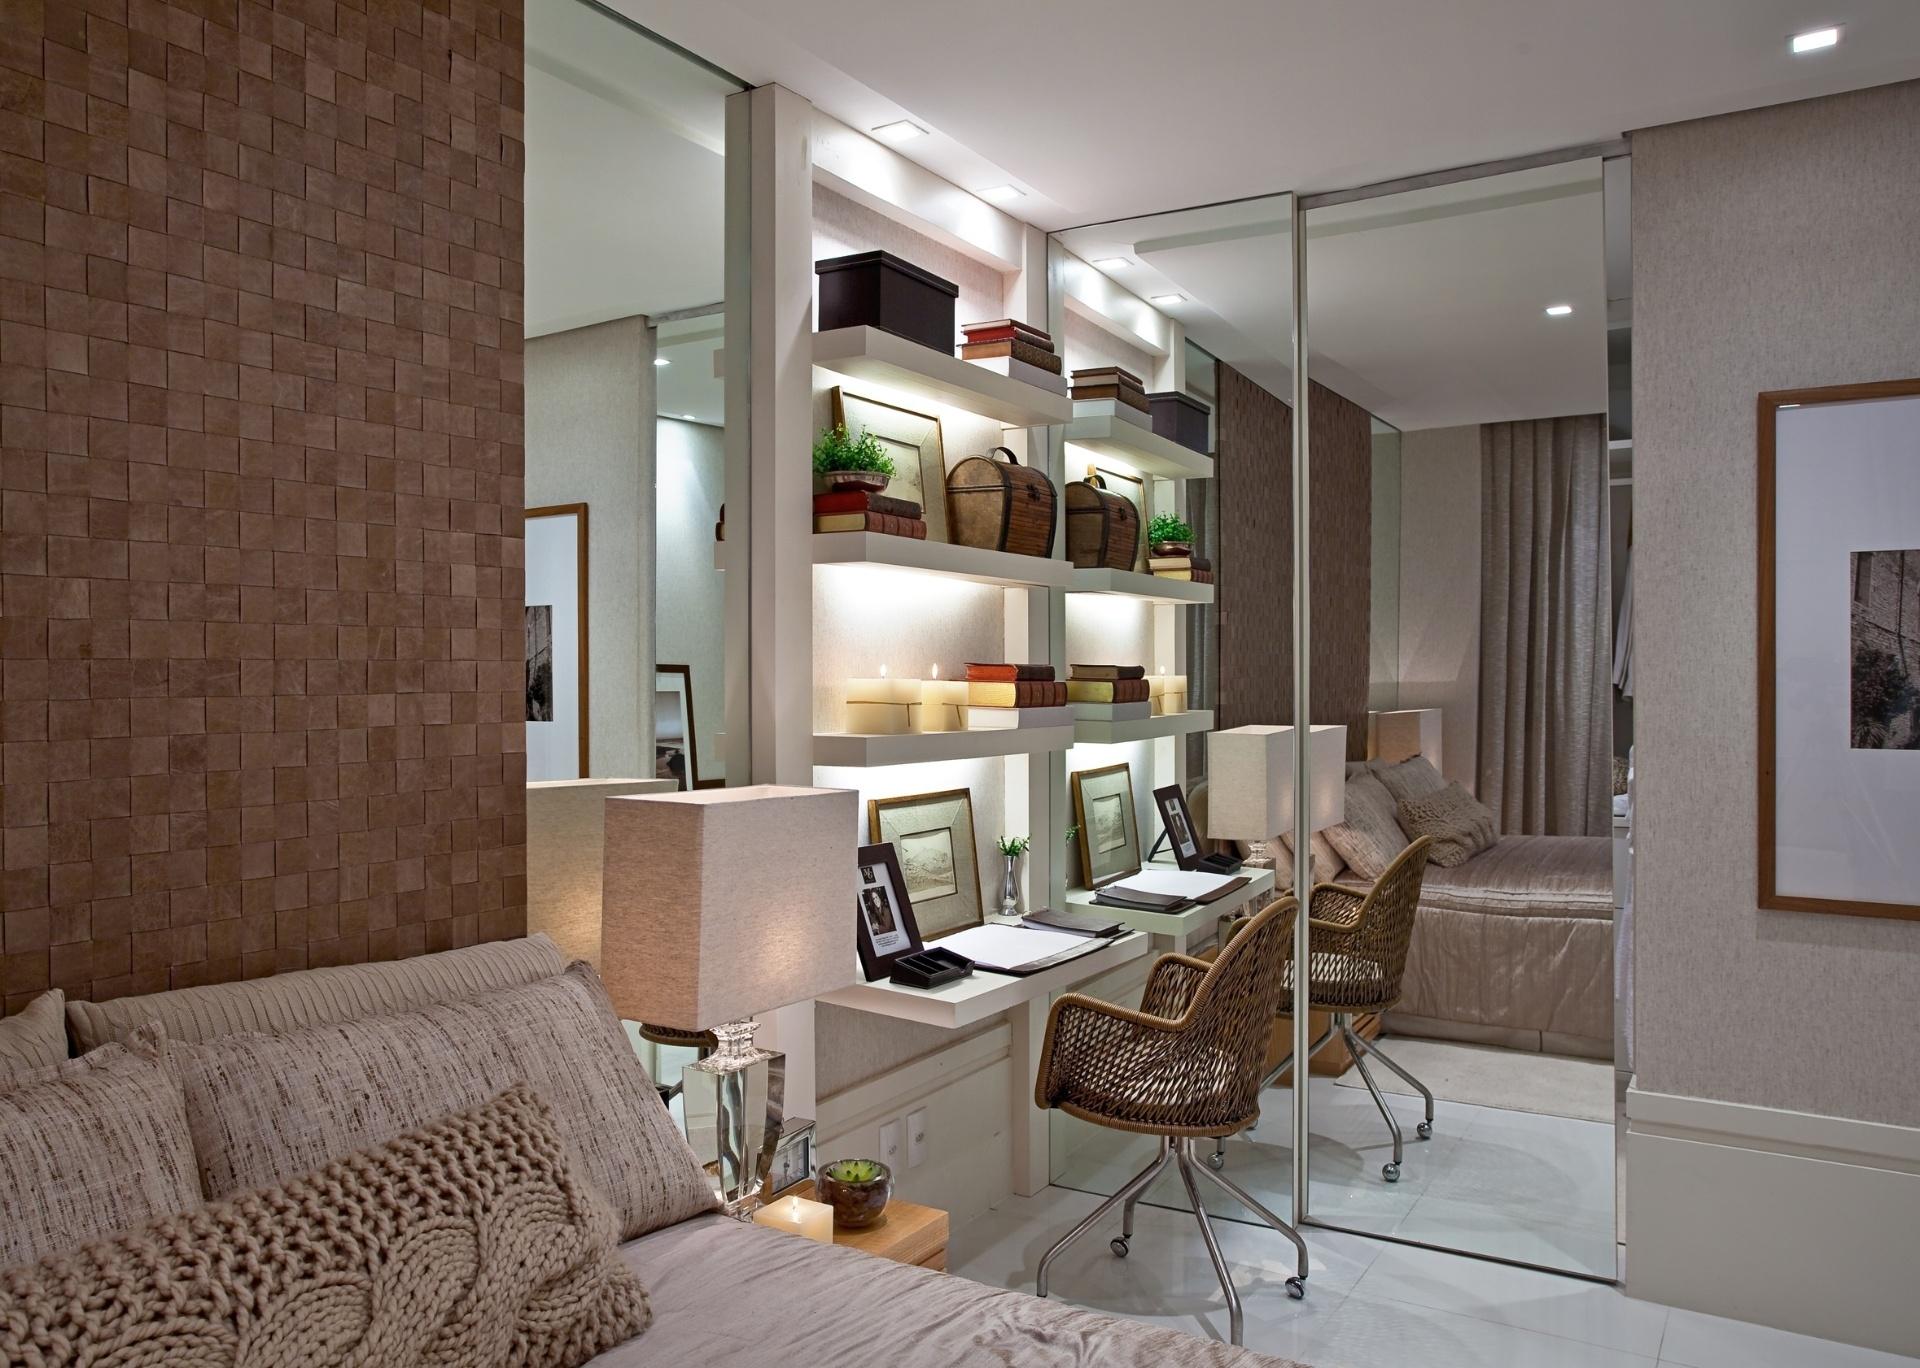 Deste ponto de vista, é notável que a área de trabalho criada por Maithia Guedes conecta-se estruturalmente ao closet. As superfícies espelhadas ampliam o ambiente e distribuem a iluminação natural do ambiente